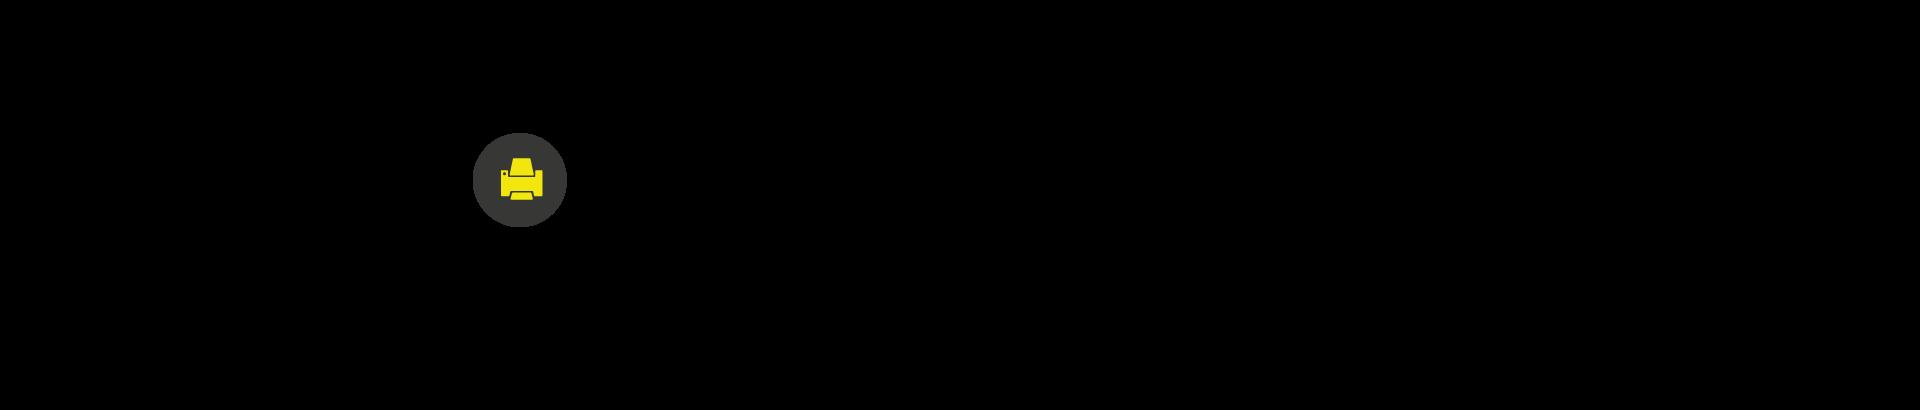 Das Akku Reparatur Formular ausdrucken und ausfüllen